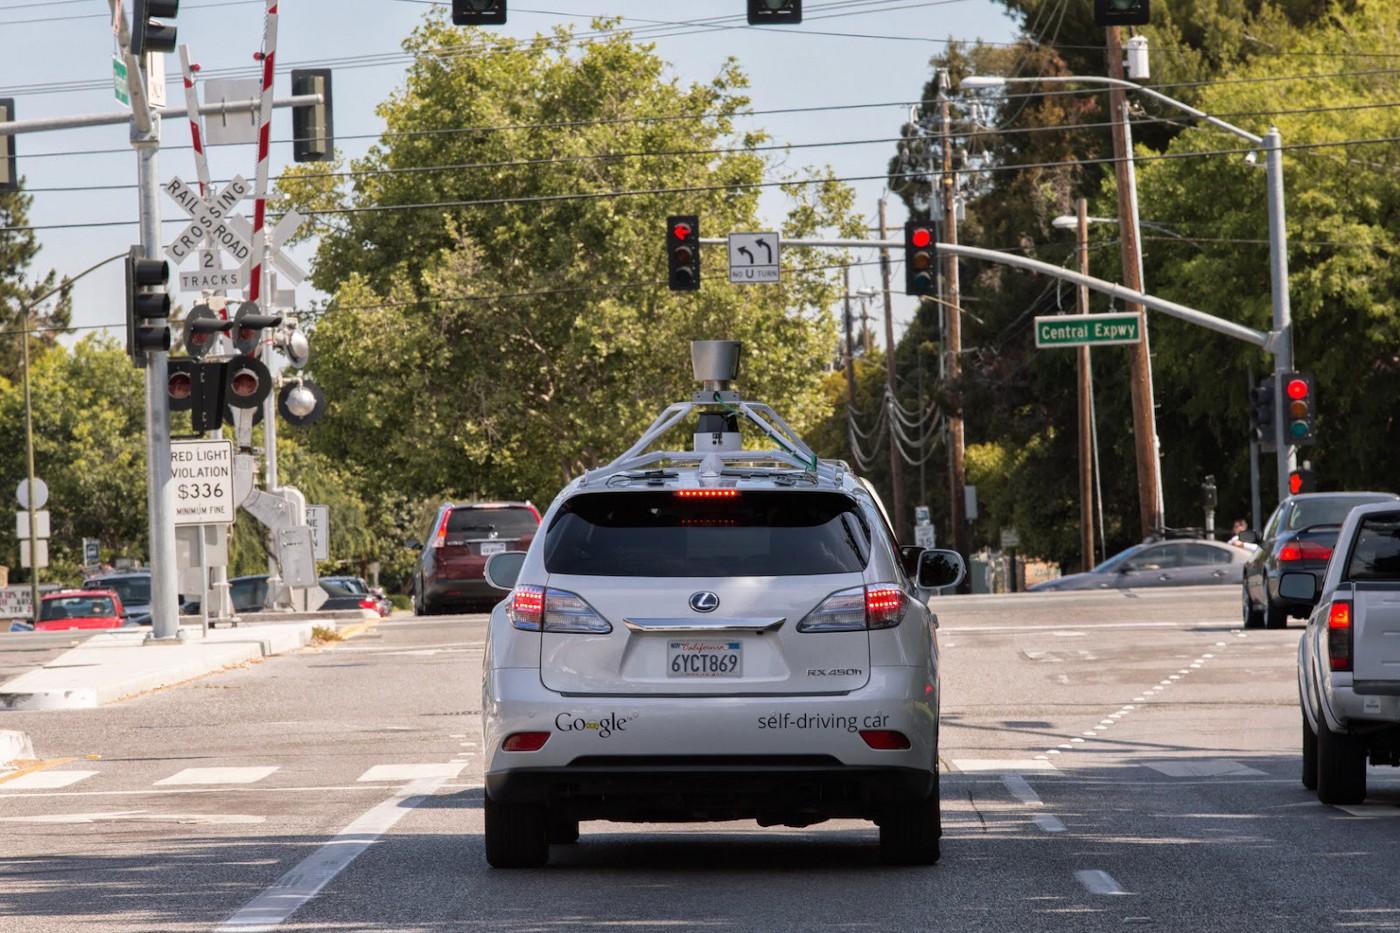 Как беспилотный автомобиль Google видит дорогу